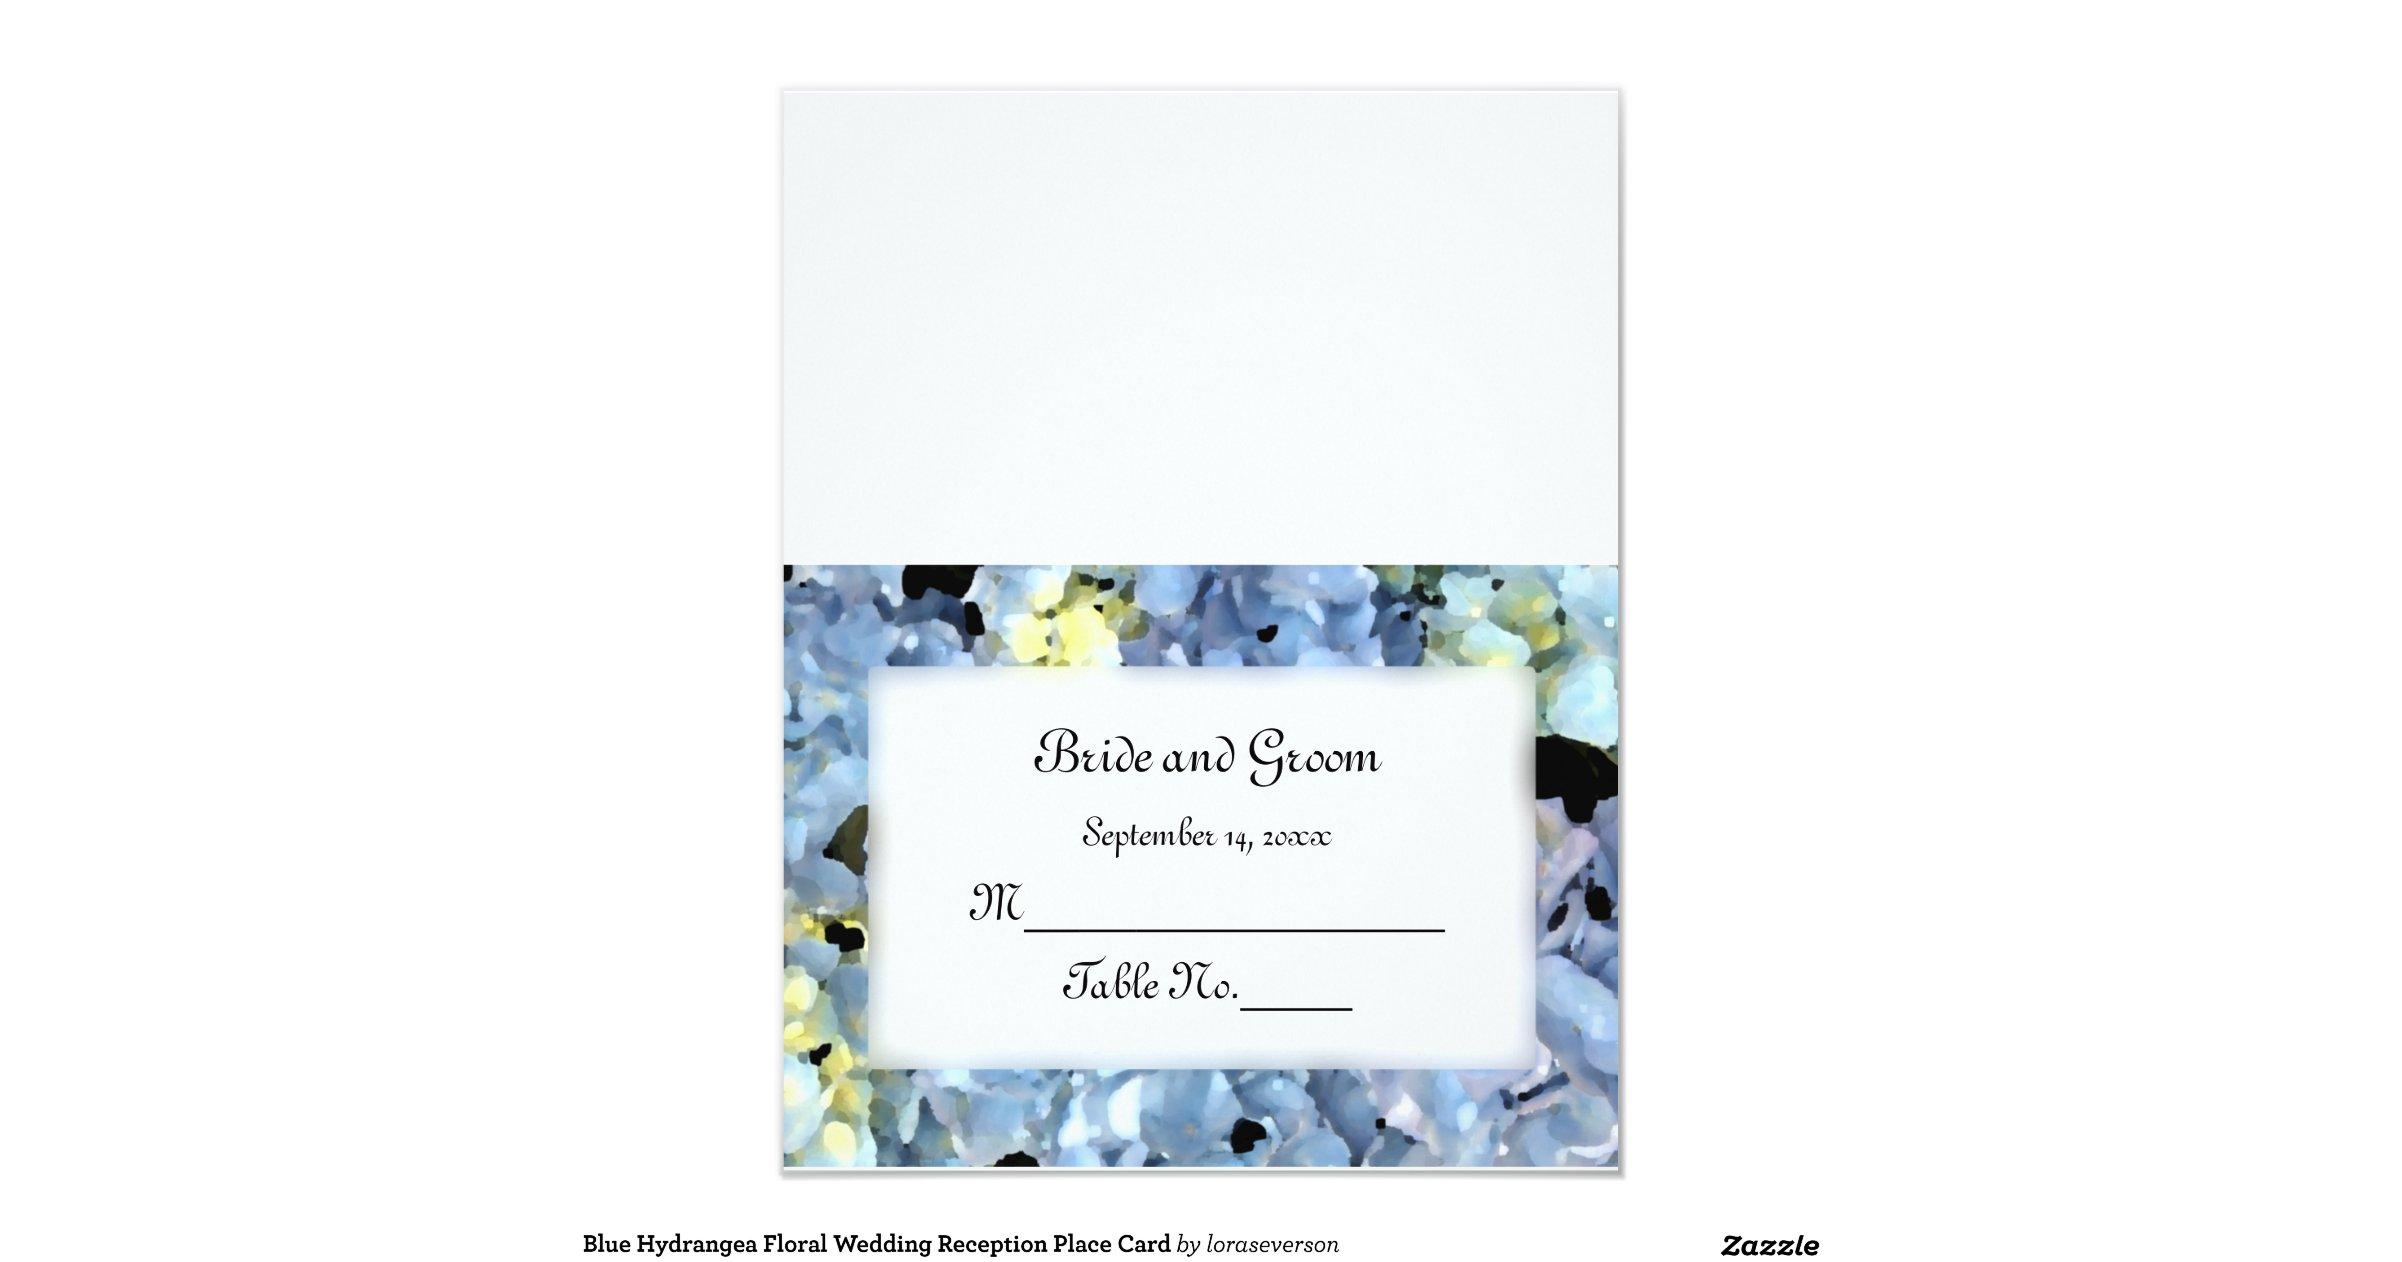 Blue Hydrangea Wedding Reception Place Card Rb6bae7826d404903beb2f517200ca8aa